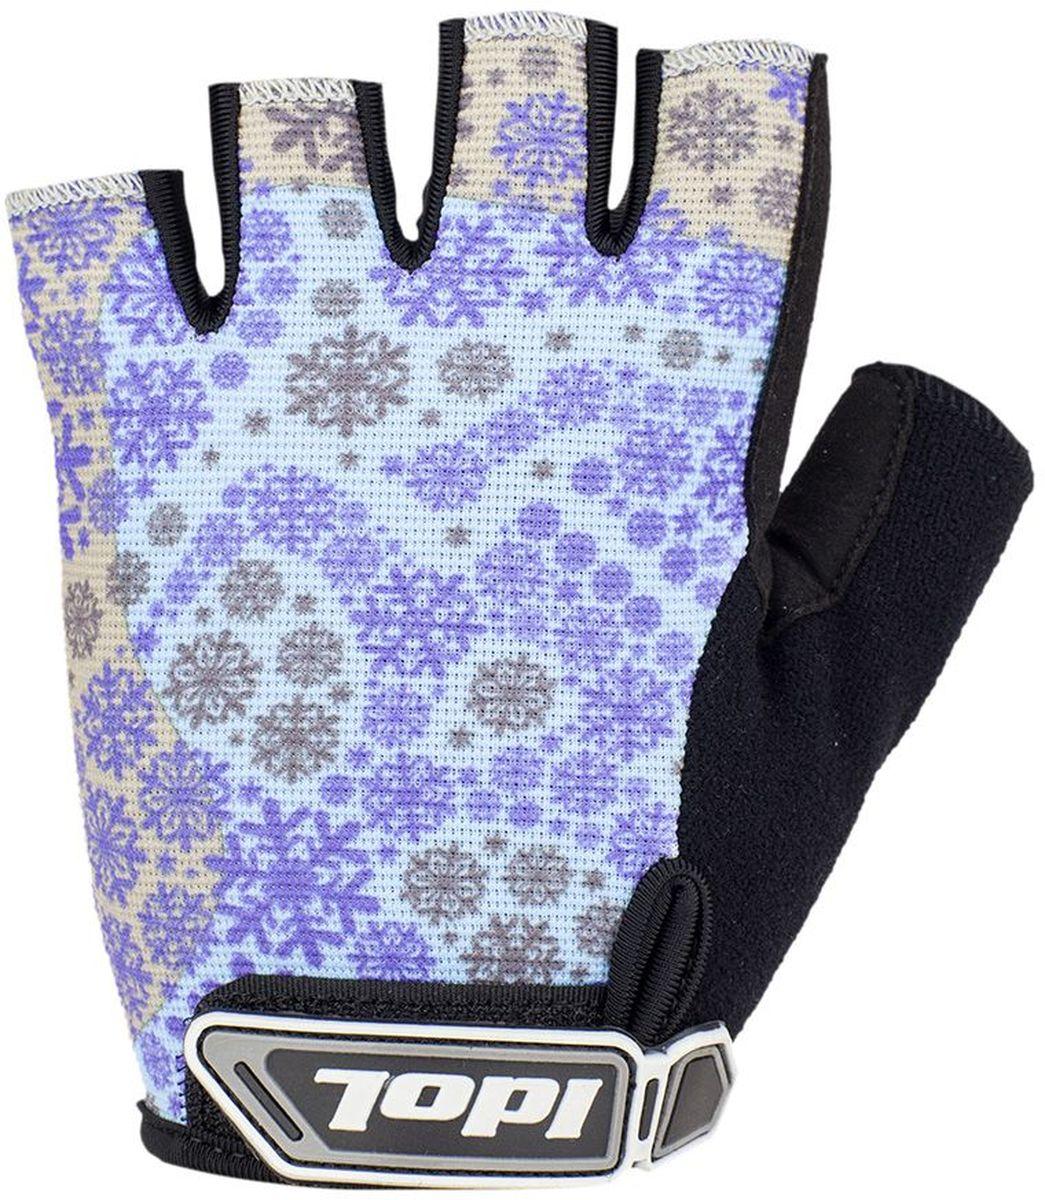 Перчатки велосипедные женские Idol Arosa. Размер S2931Велосипедные перчатки с открытыми пальцами Idol AROSA предназначены для велоспорта, велотуризма, велосипедных прогулок. Верх выполнен из высококачественного материала 4-way stretch, который отличается повышенной воздухопроницаемостью. Ладонь изготовлена из синтетической кожи Amara. Большой палец перчатки отделан влагоотводящим материалом. На запястьях перчатки фиксируются прочными липучками. Для удобства снятия каждая перчатка оснащена двумя небольшими петельками.Высокое качество, технически совершенные материалы, оригинальный стильный дизайн, функциональность и долговечность выделяют велоперчатки Idol среди прочих.